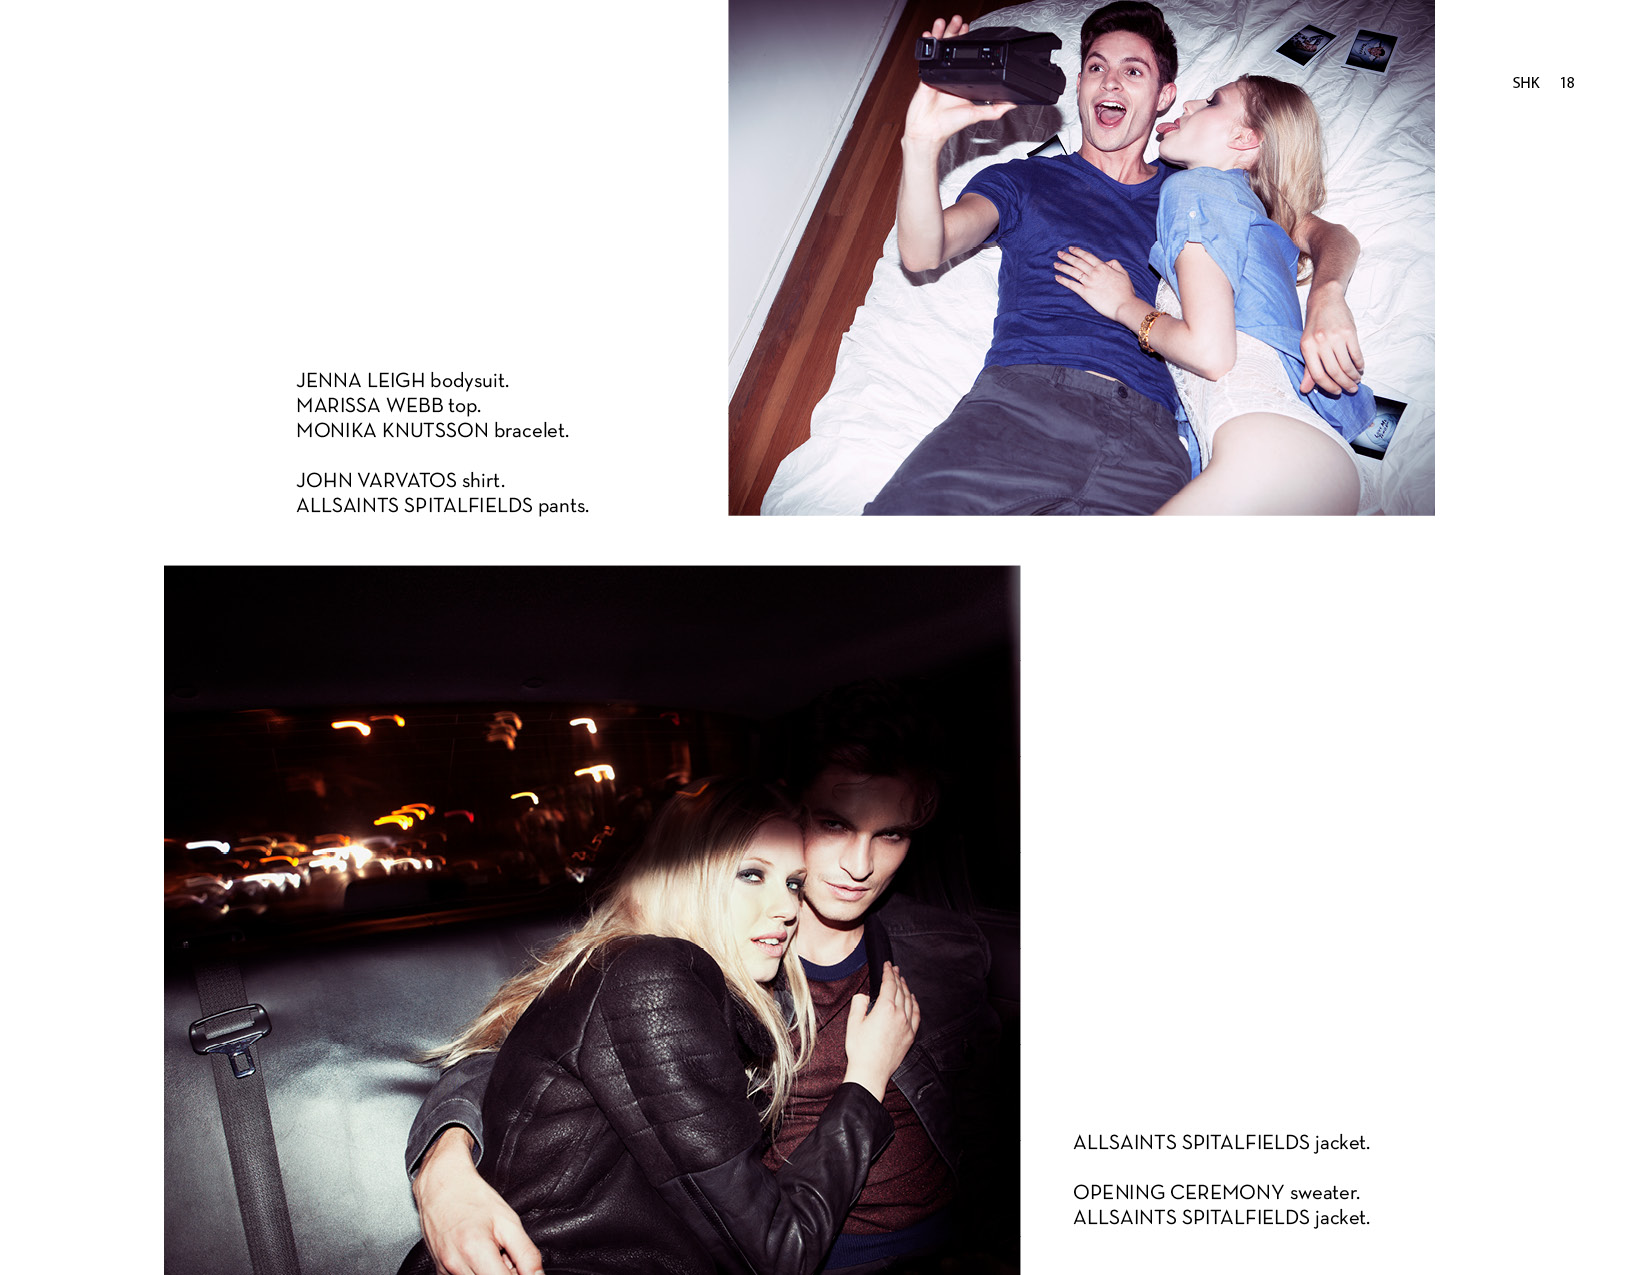 SHK-Summer-Issue-Summer-Needs-No-Explaination-201318.jpg